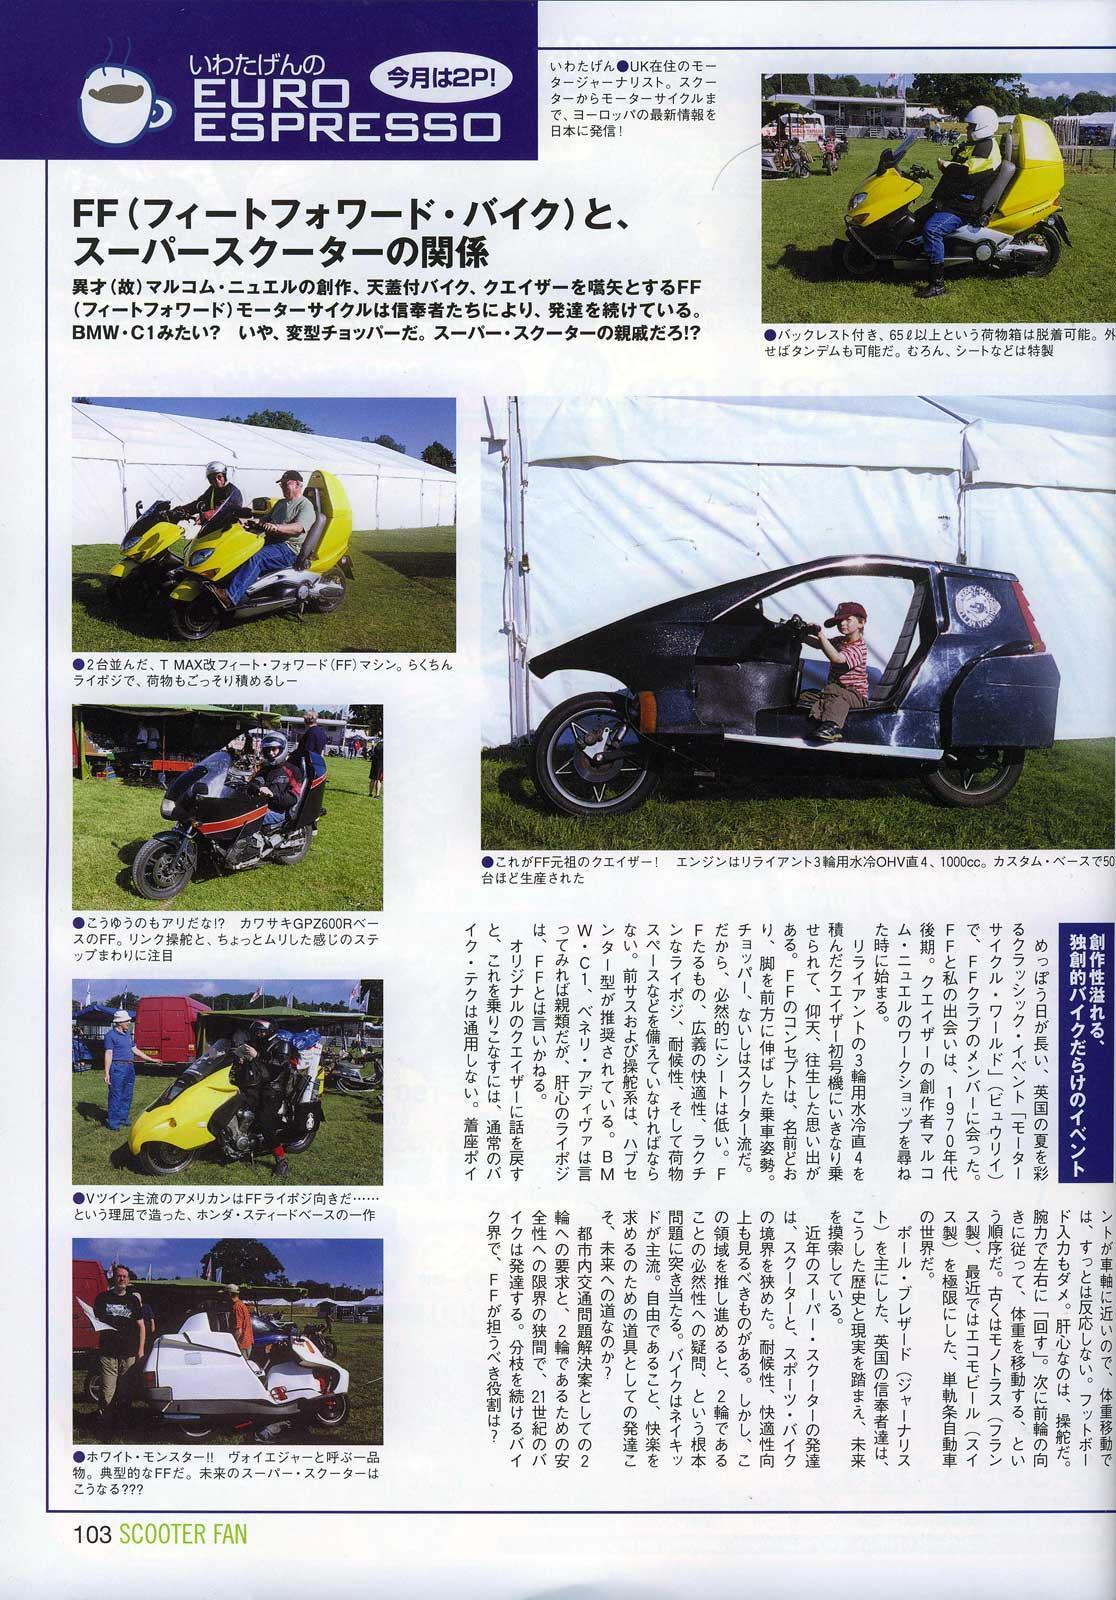 Scooterfan article.